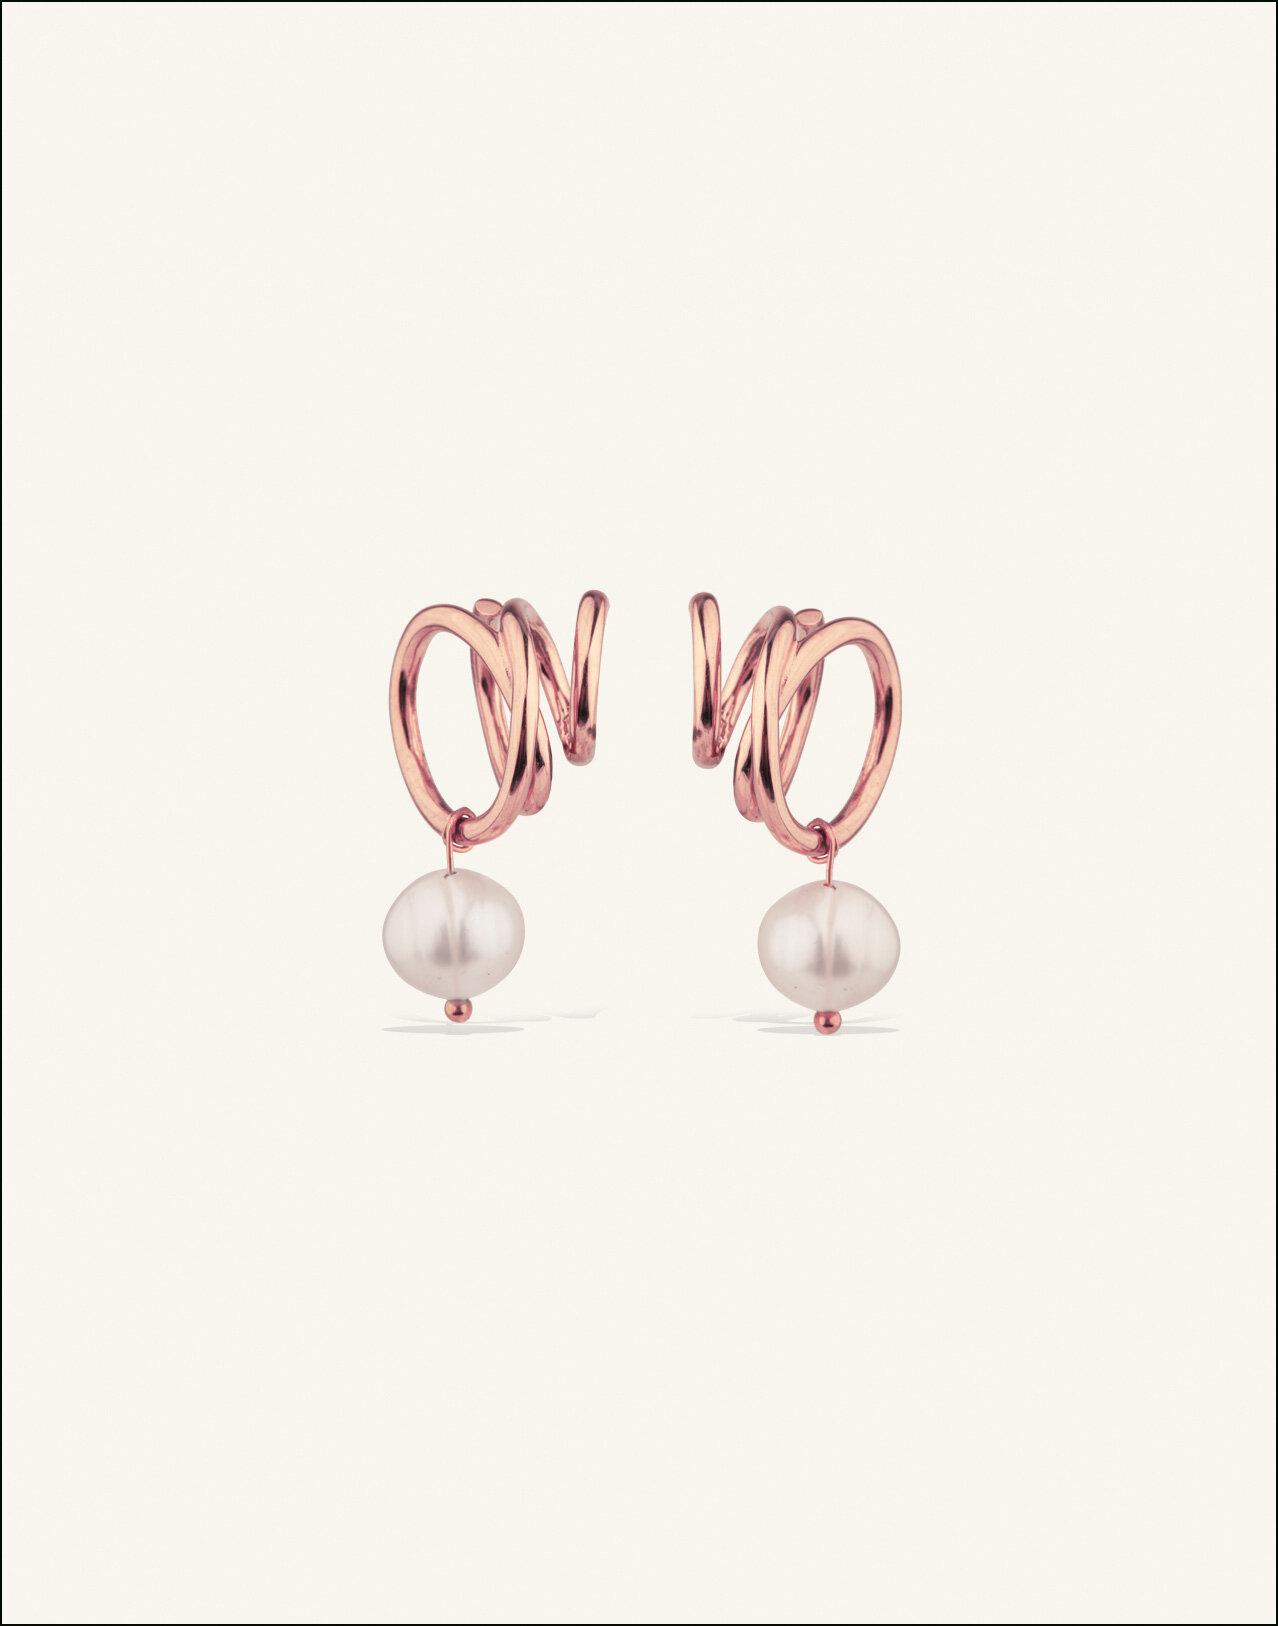 Completedworks-ROSE-GOLD-VERMEIL-Flow-Earrings-Pearl-1.jpg